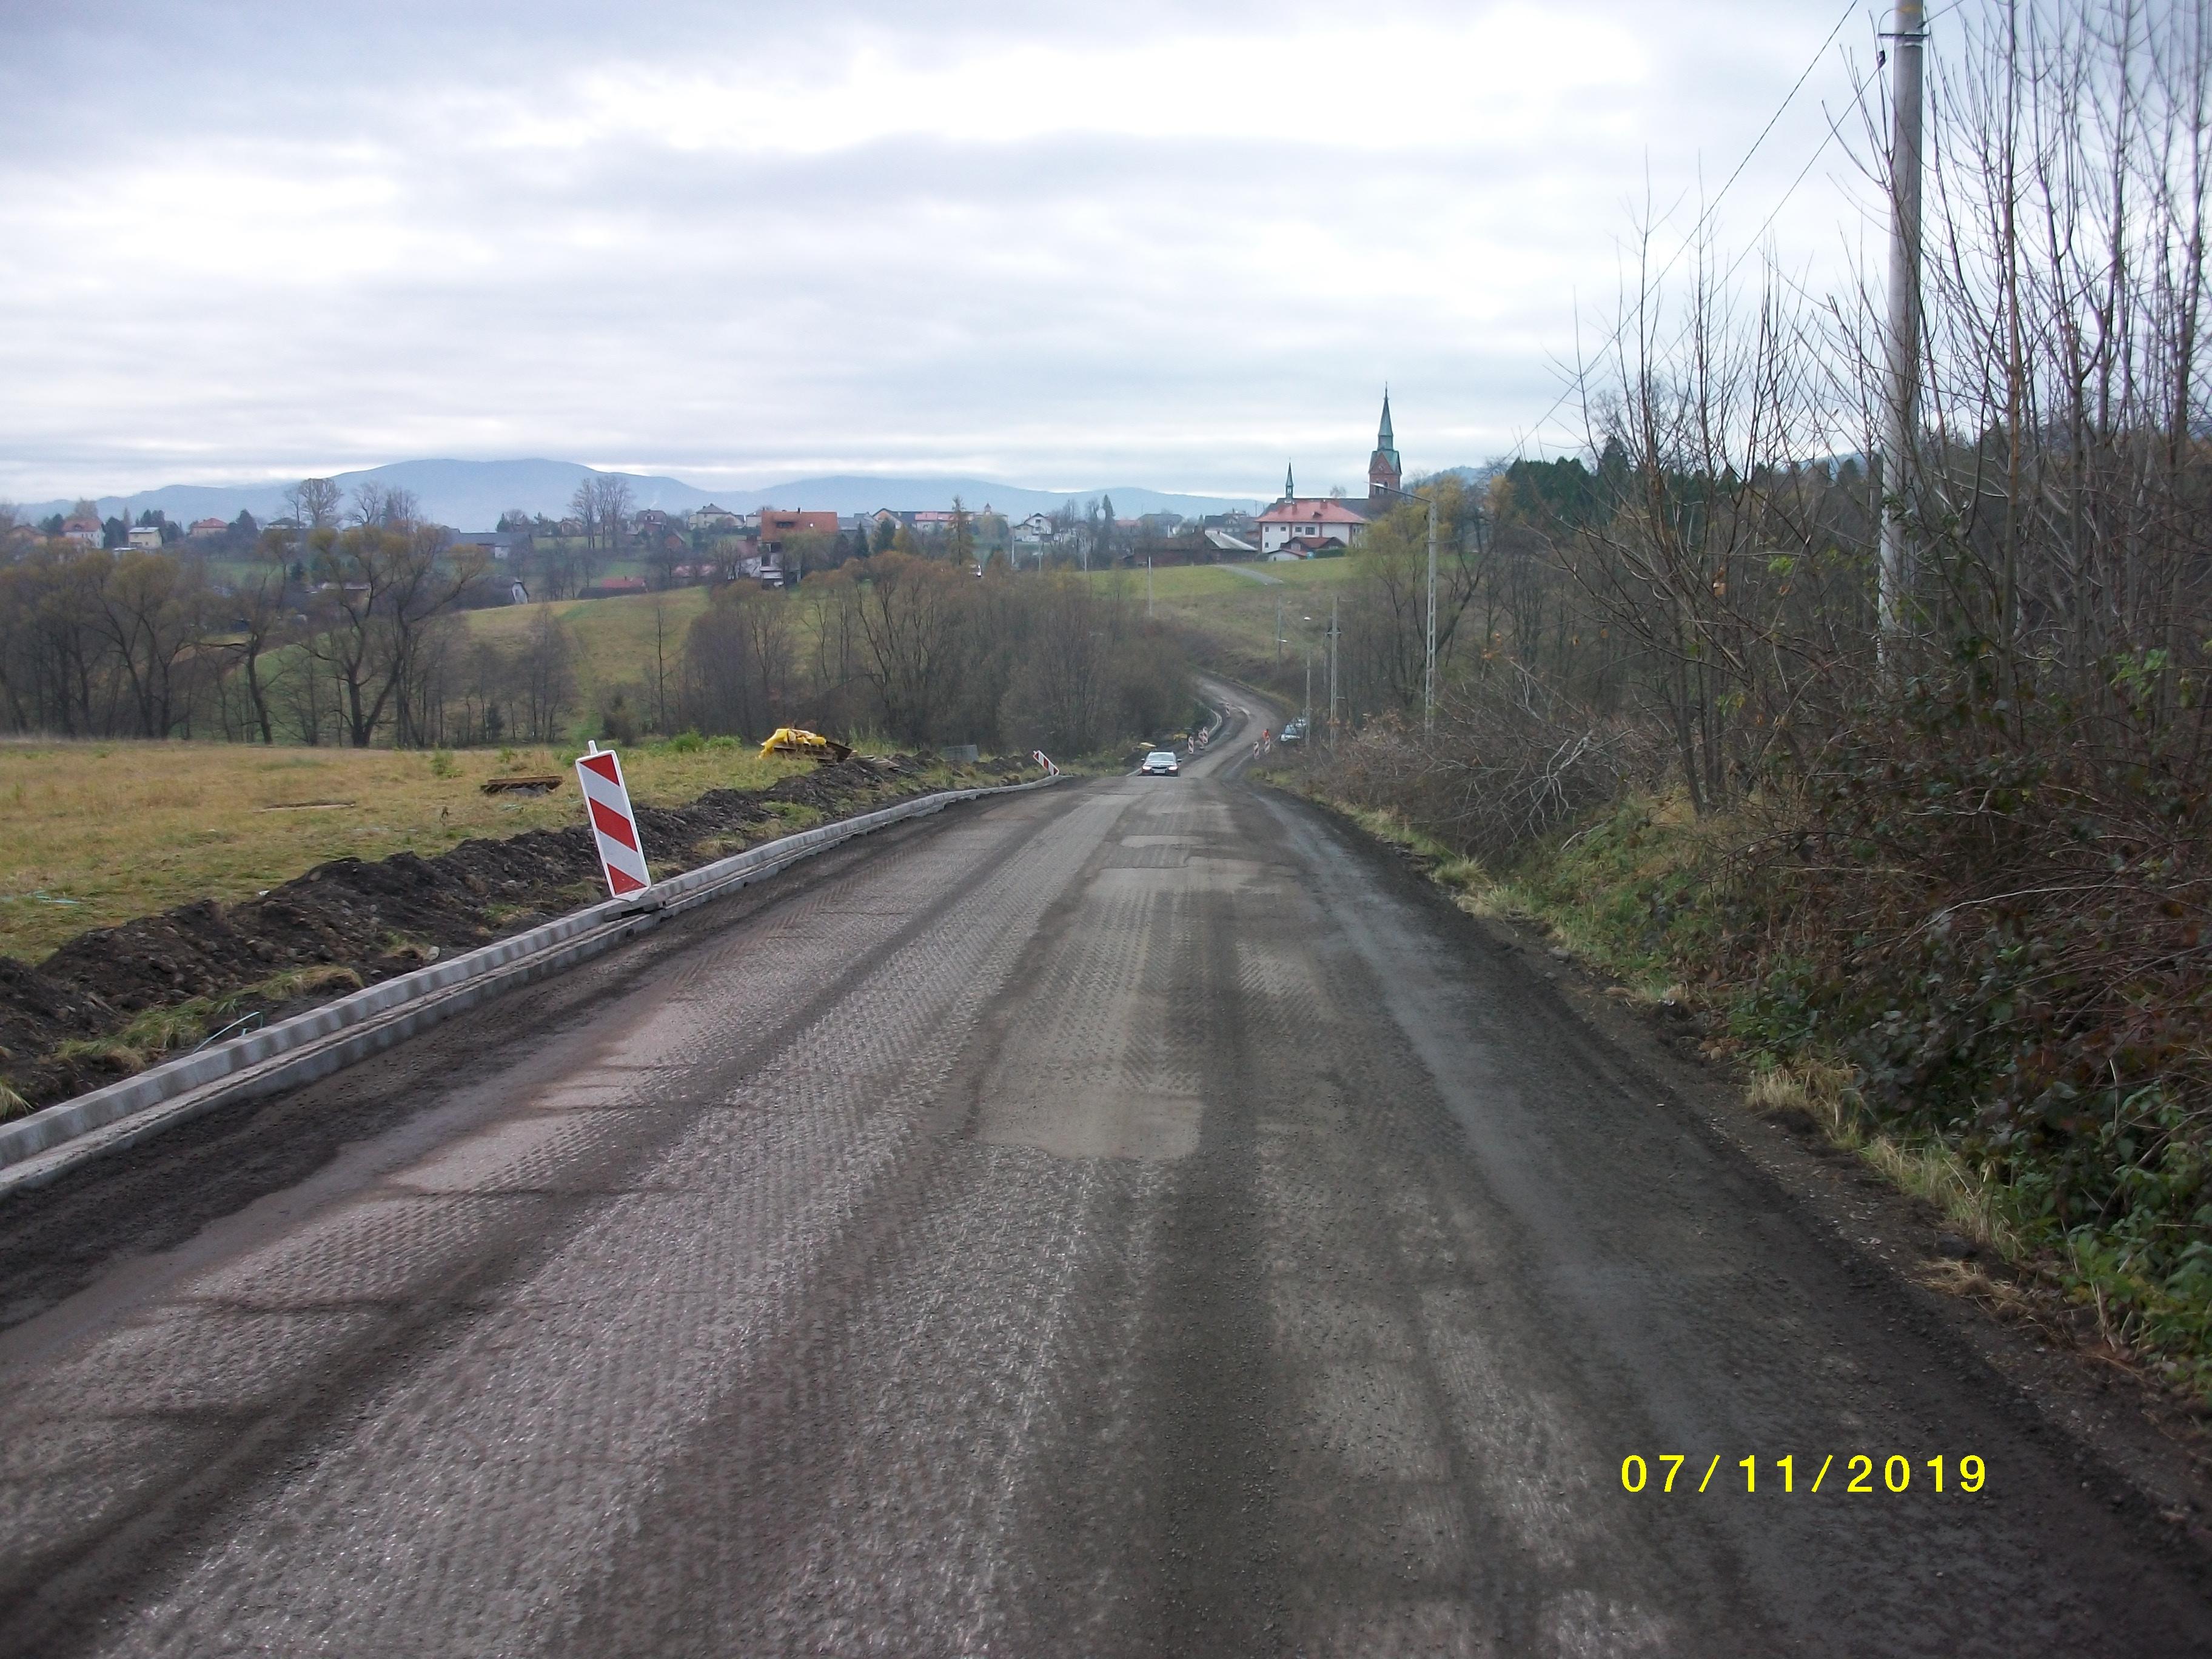 Droga powiatowa zostanie zamknięta